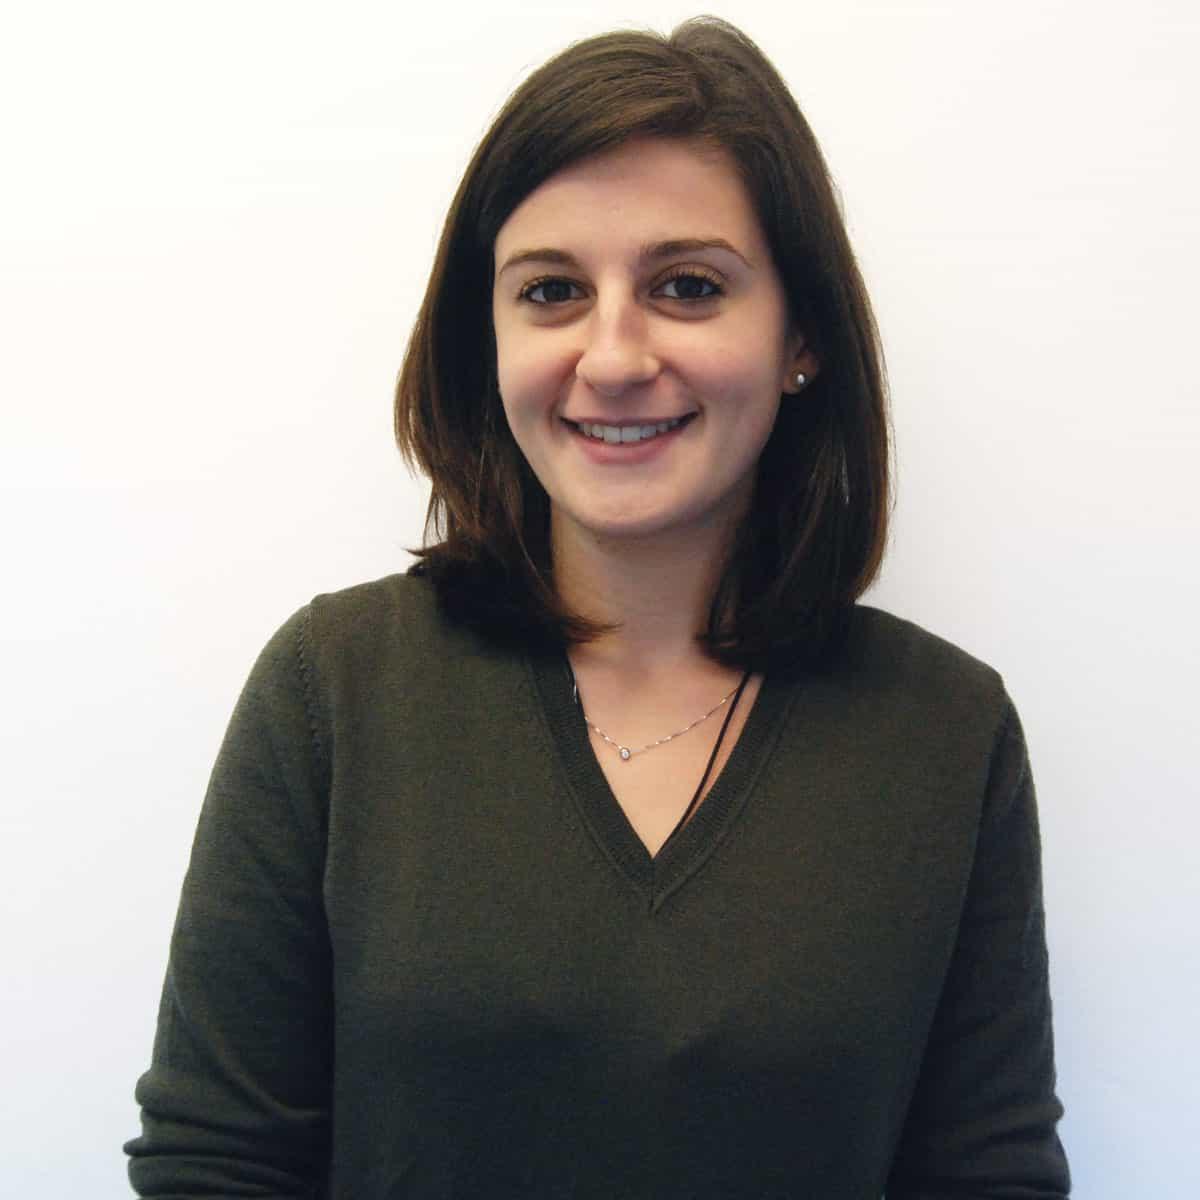 Mariana Gregorio